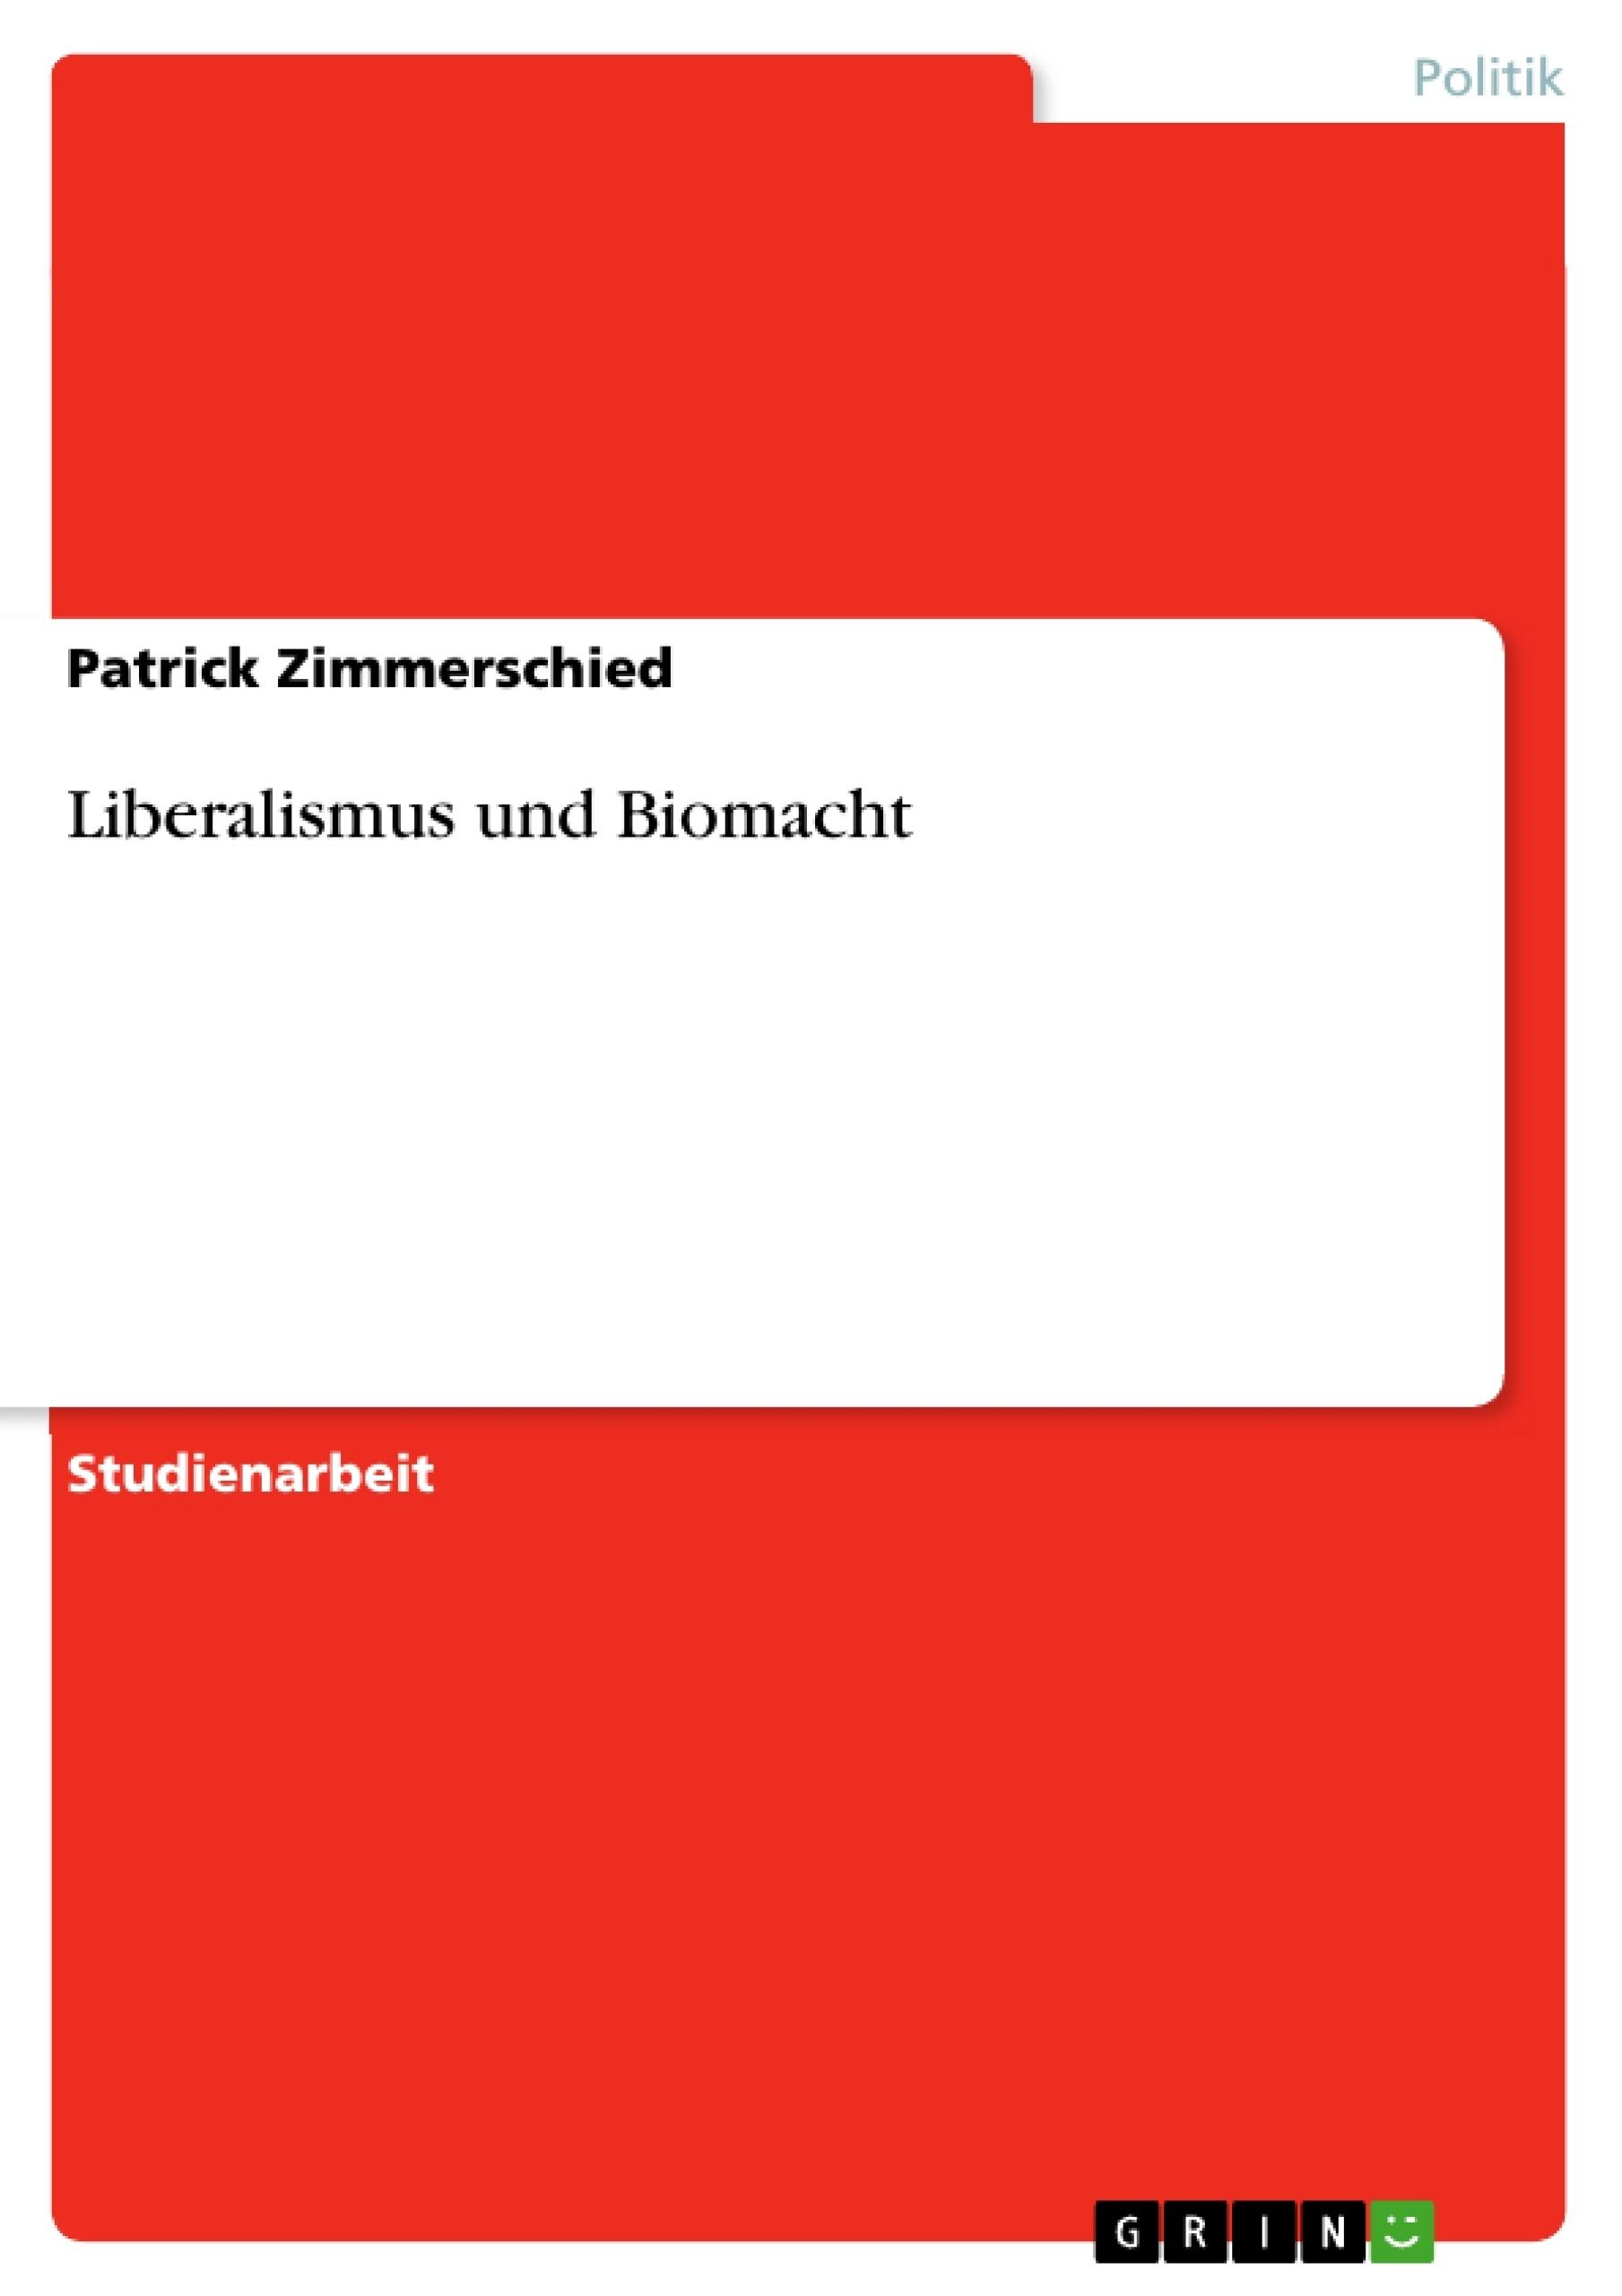 Titel: Liberalismus und Biomacht